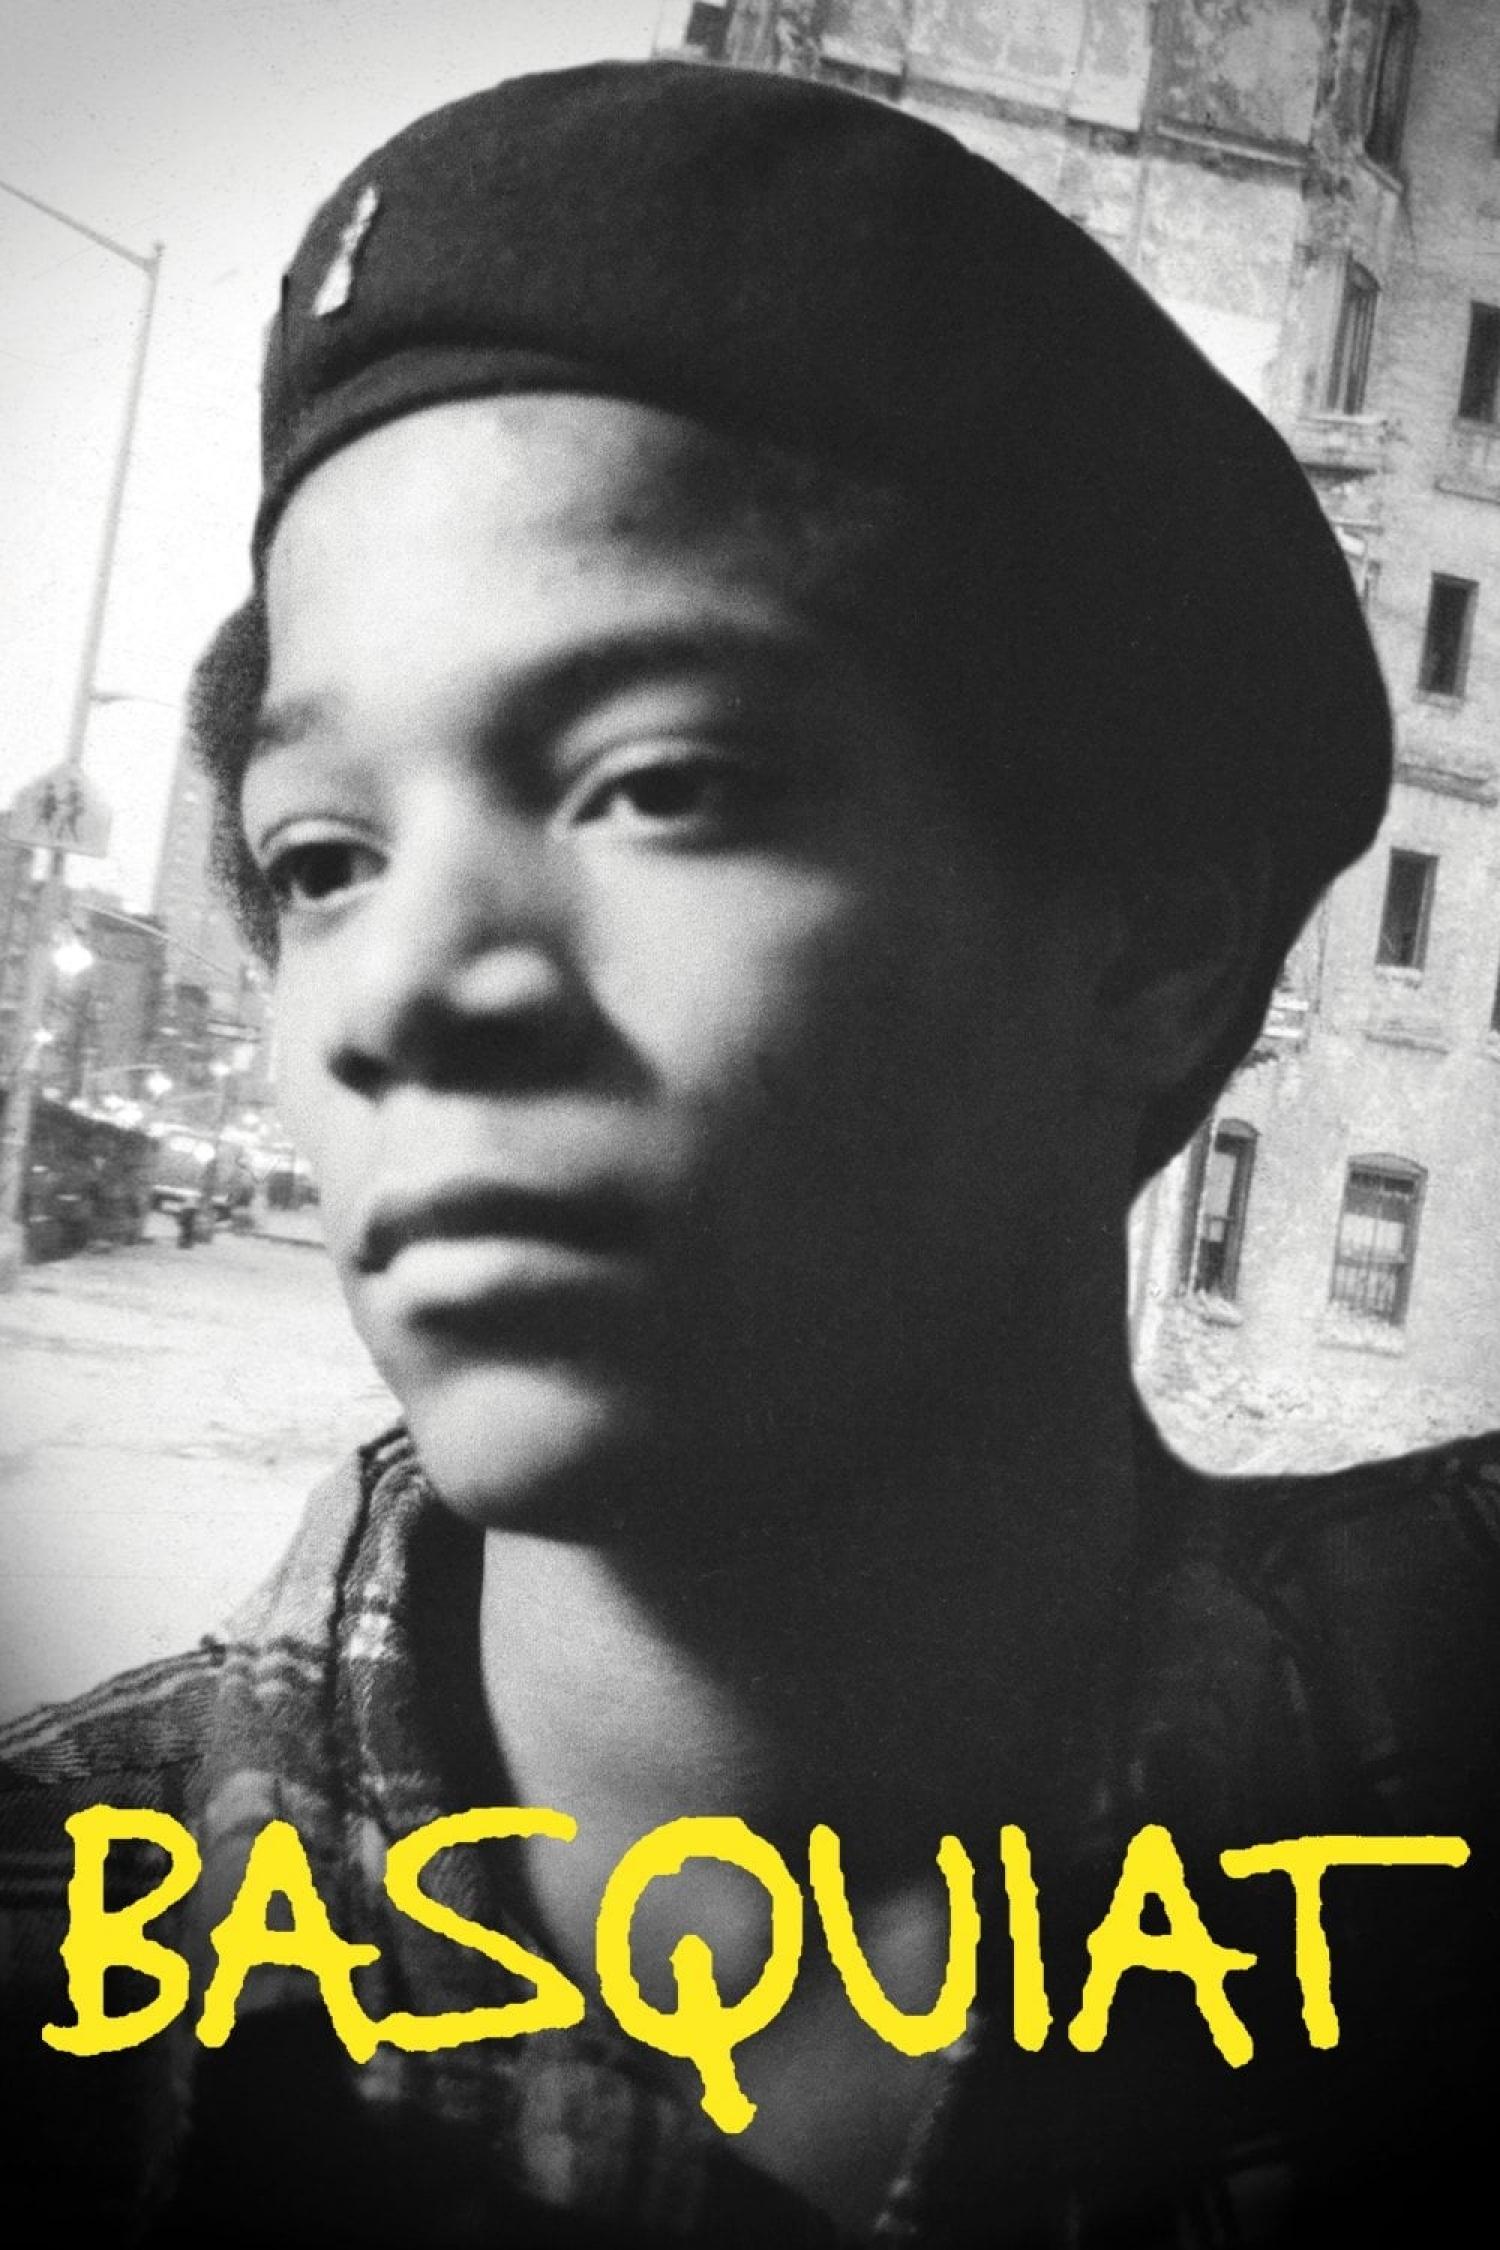 Basquiat Film